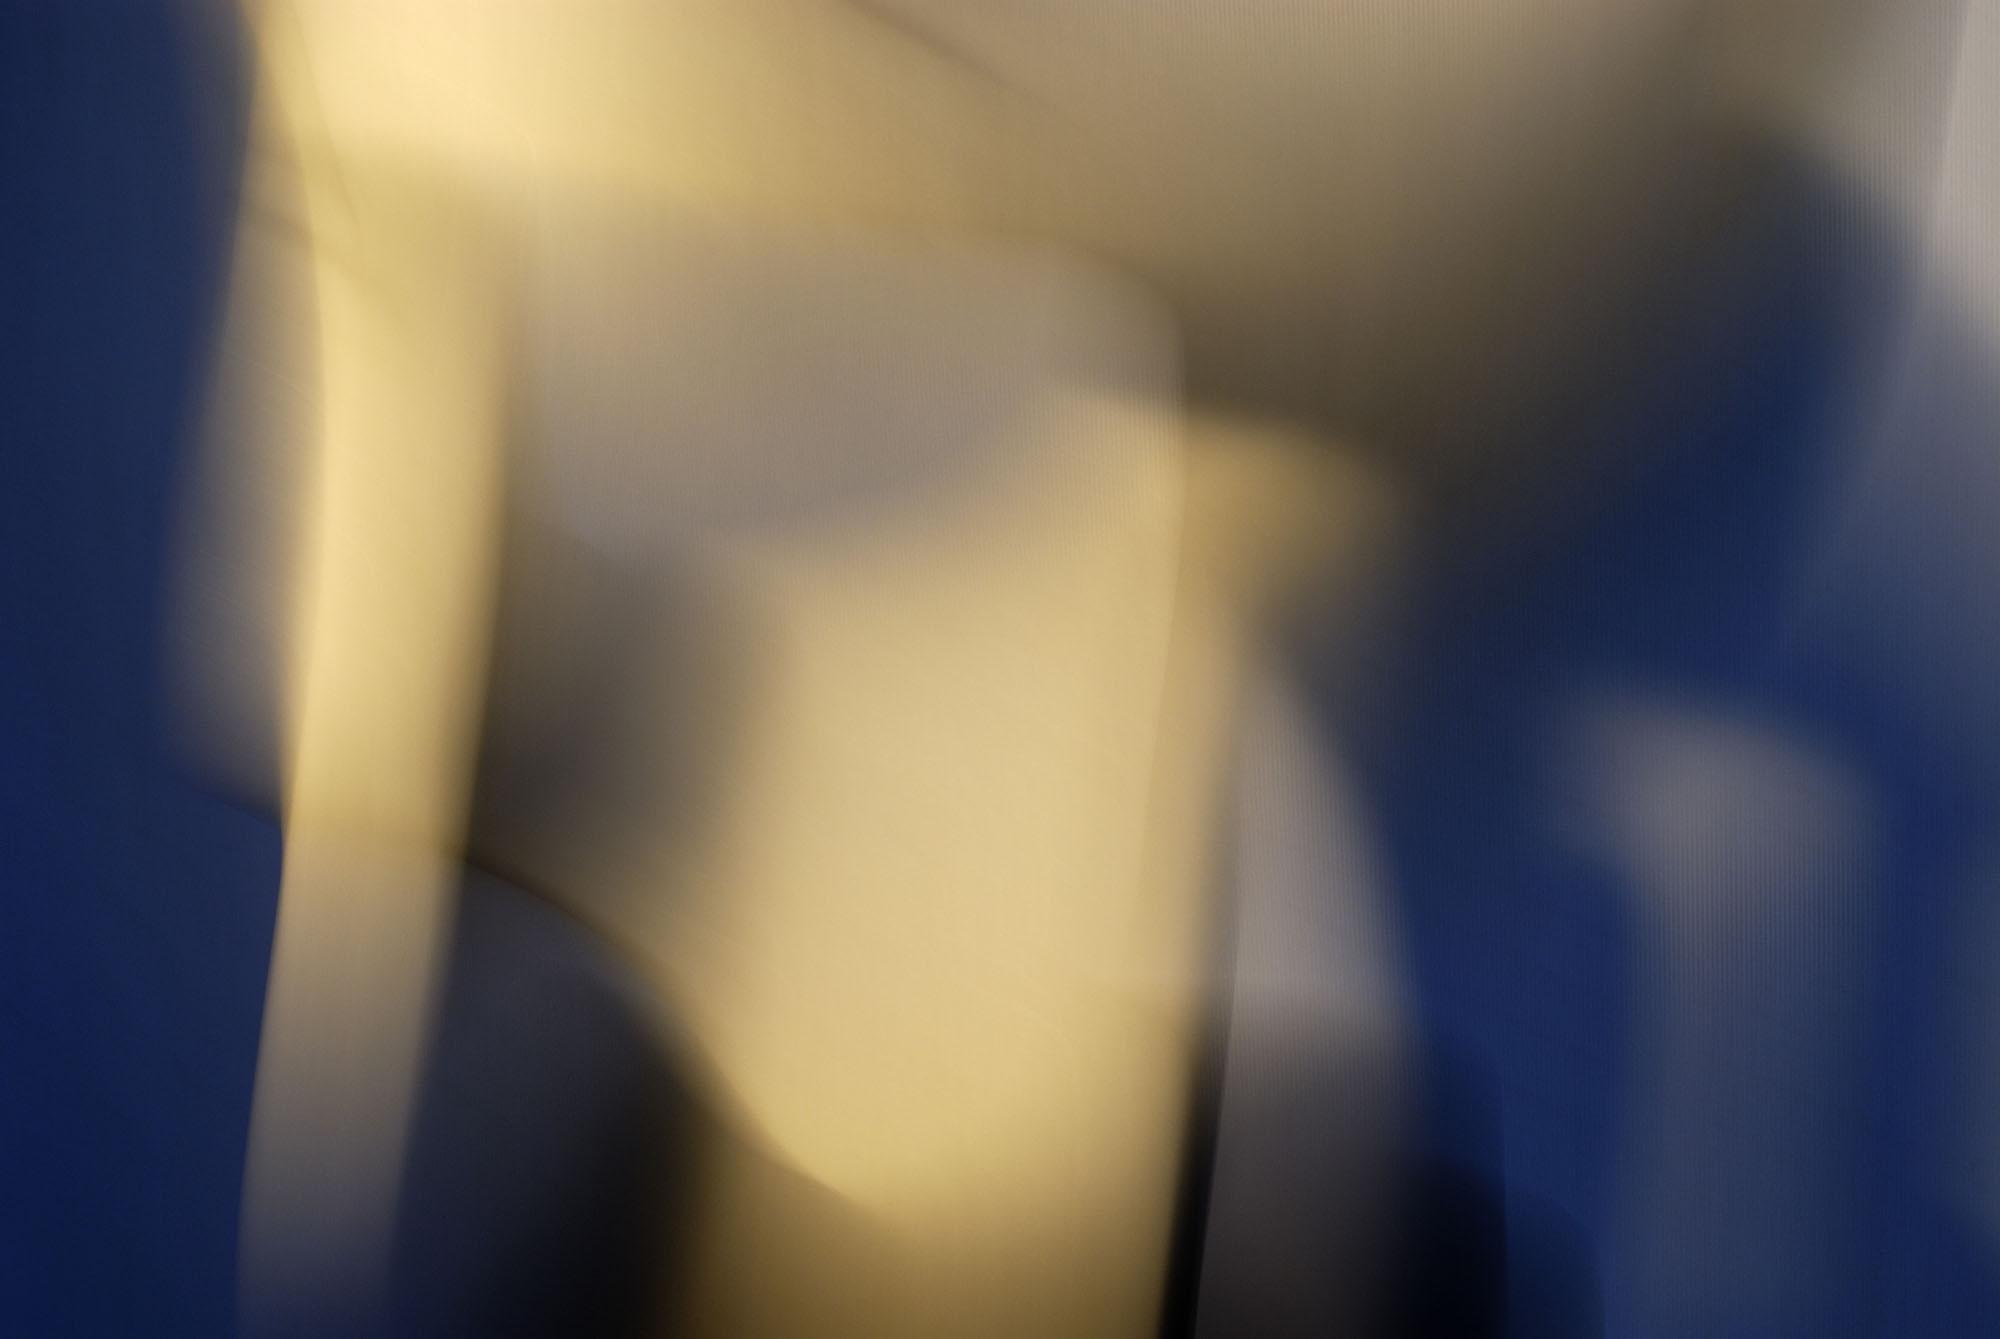 Foto van vage blauwe en gele vormen bewogen